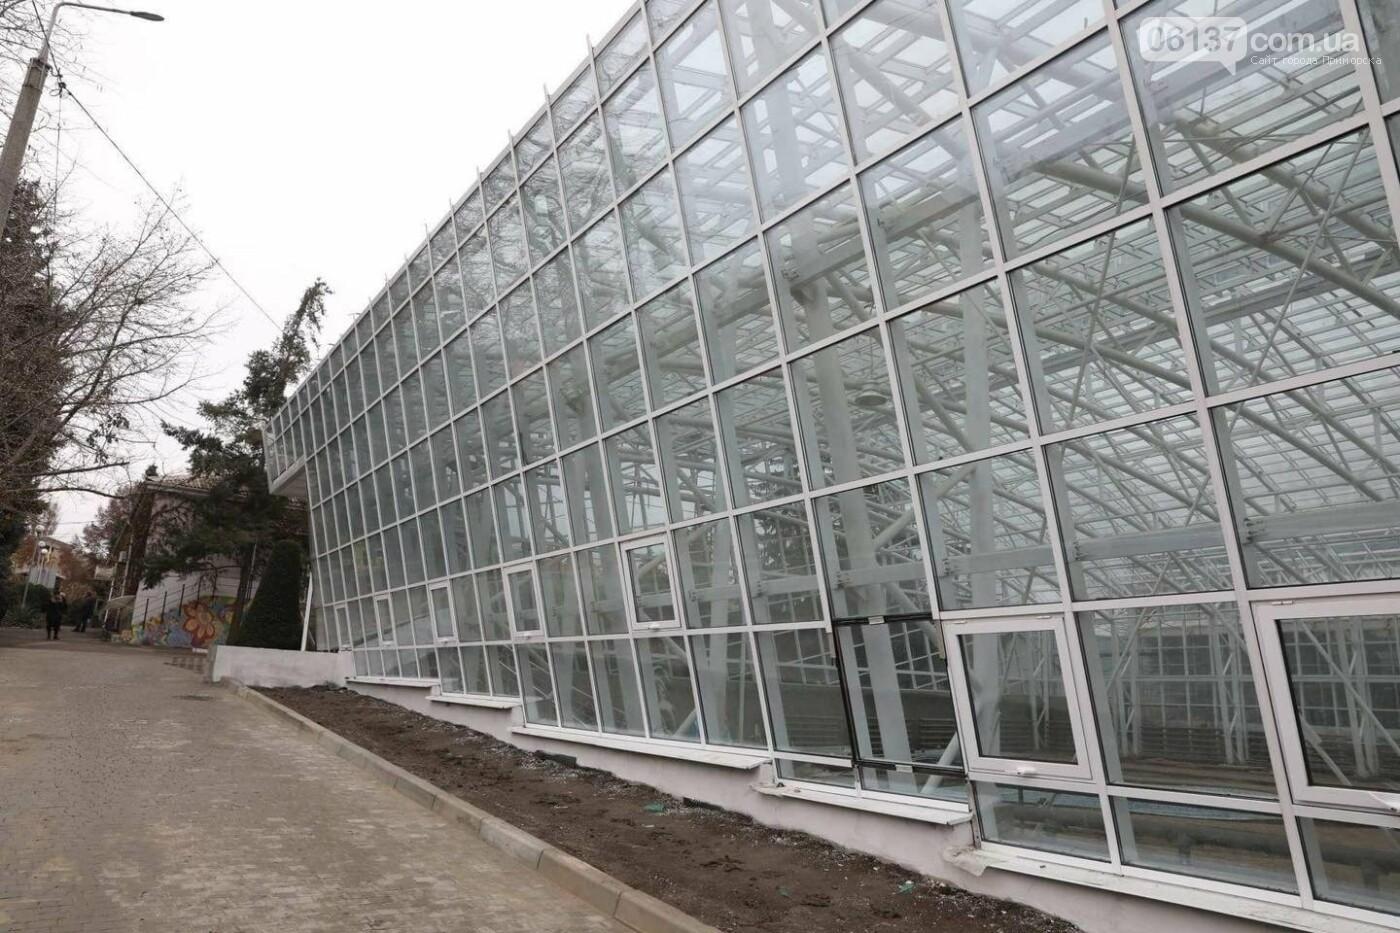 В запорожском ботсаду появилась новая оранжерея. Фото, фото-2